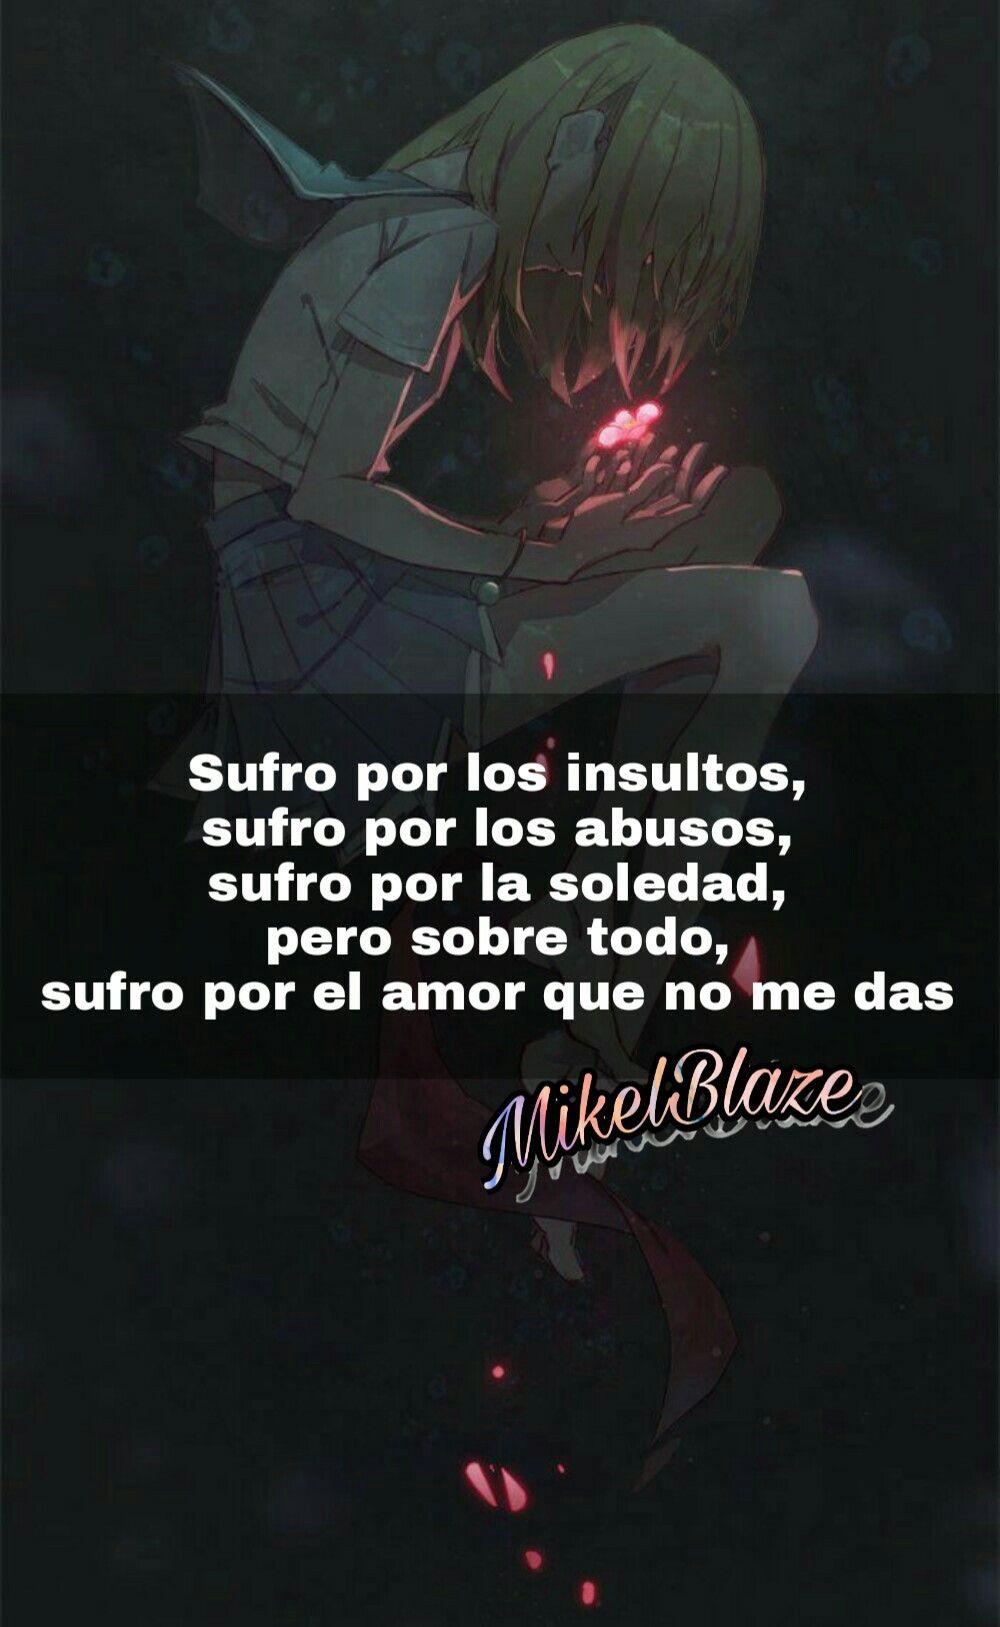 Frases Anime, Insultos, Abusos, Soledad, Amor